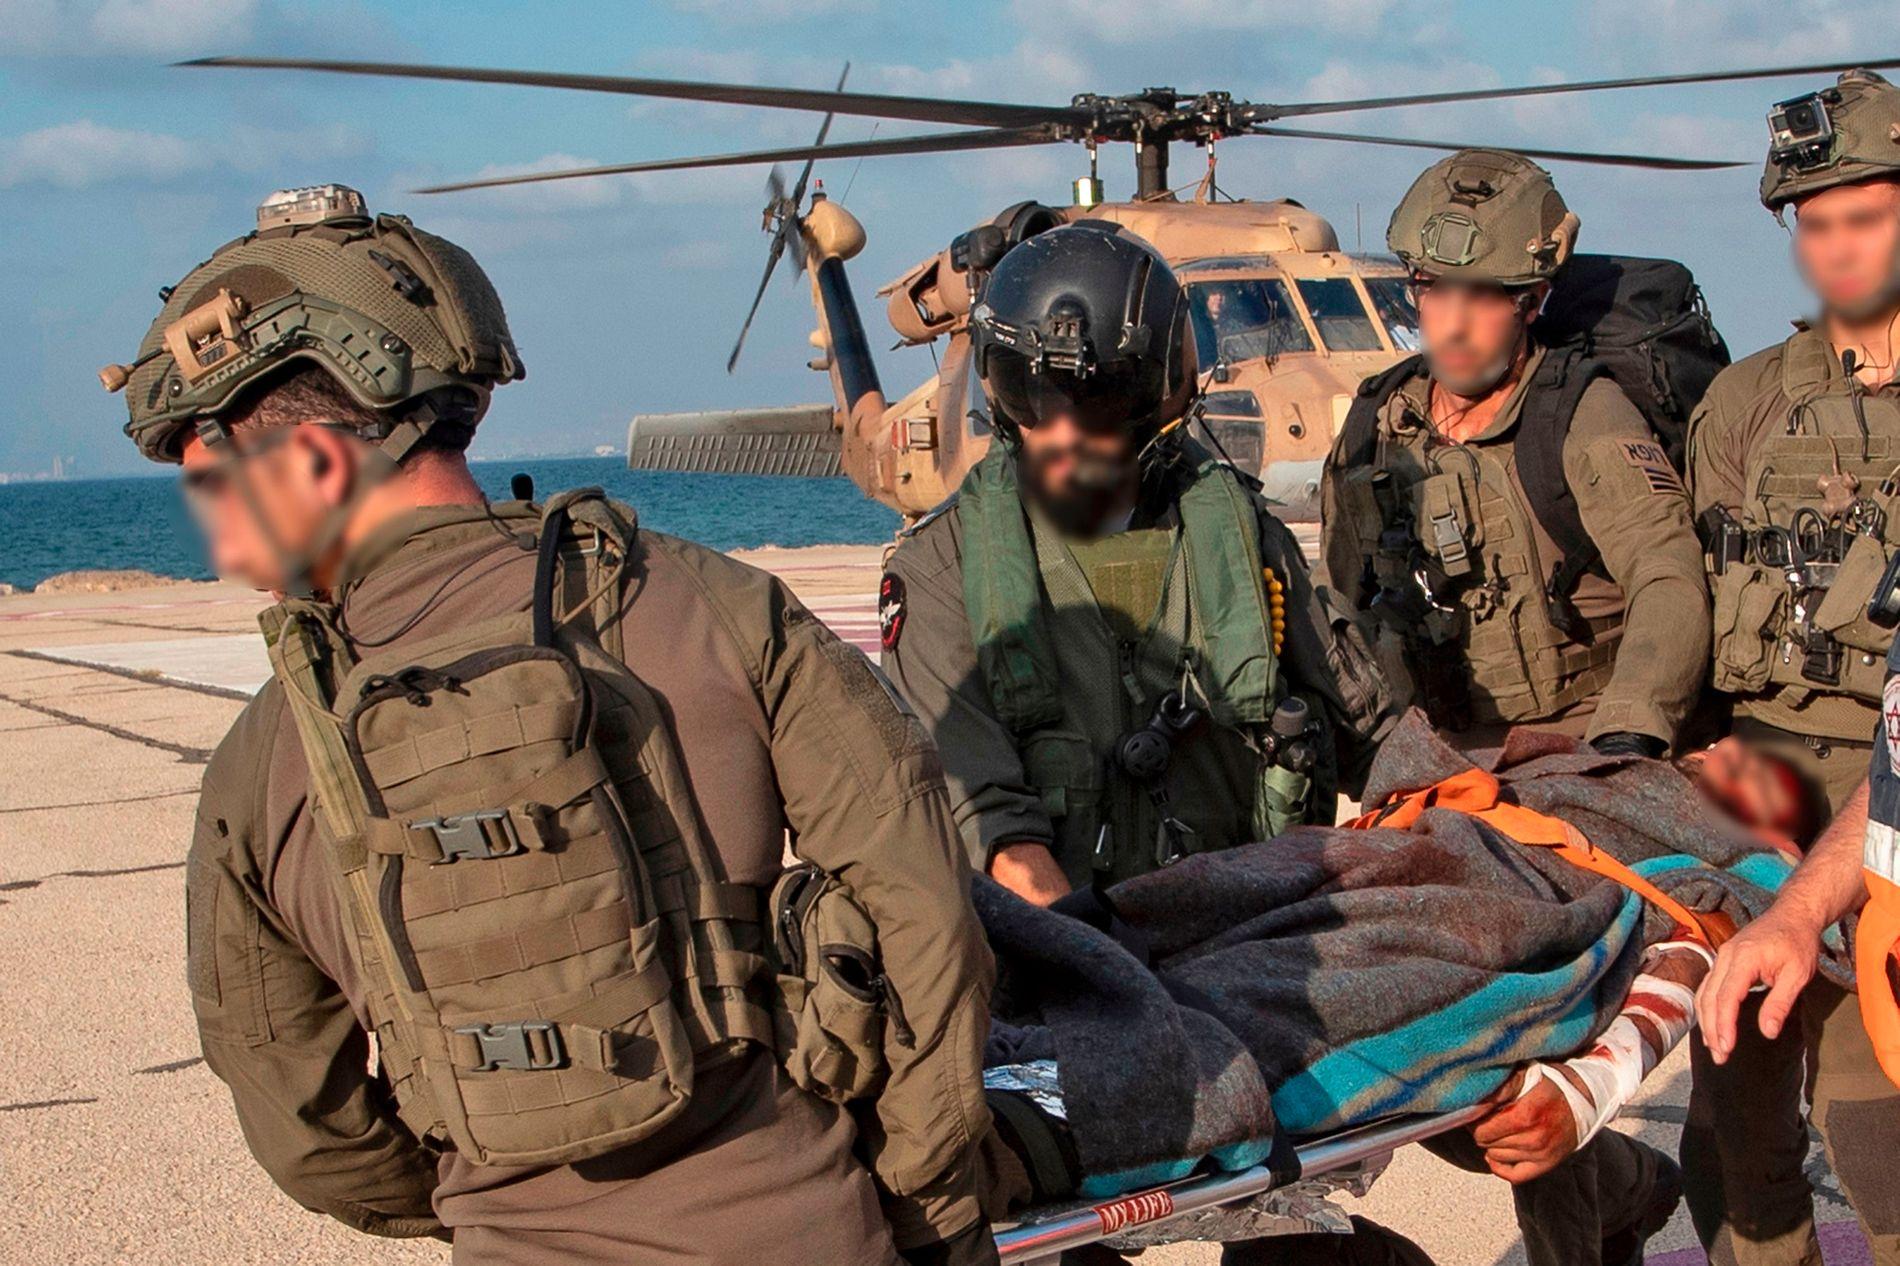 IKKE EKTE: Nok et bilde av den falske evakueringen. Statsminister Benjamin Netanyahu sa kort tid senere at ingen israelere «hadde en skramme».